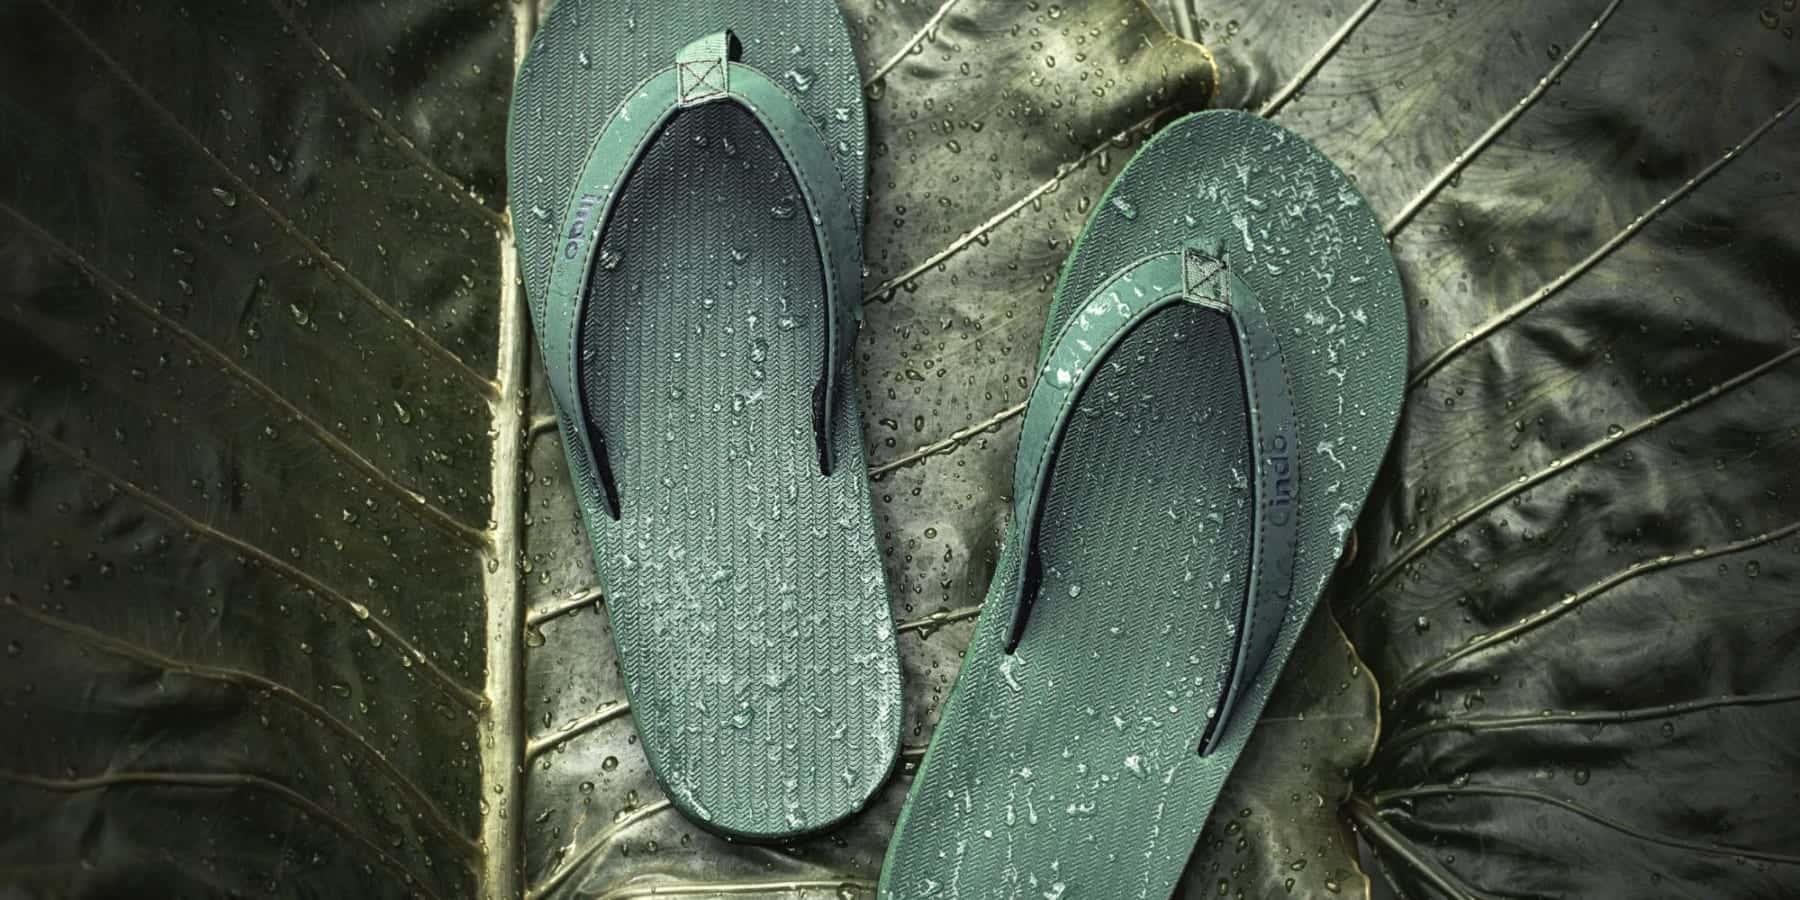 バリ島発、廃タイヤでサンダルをつくるアップサイクルブランド「indosole」